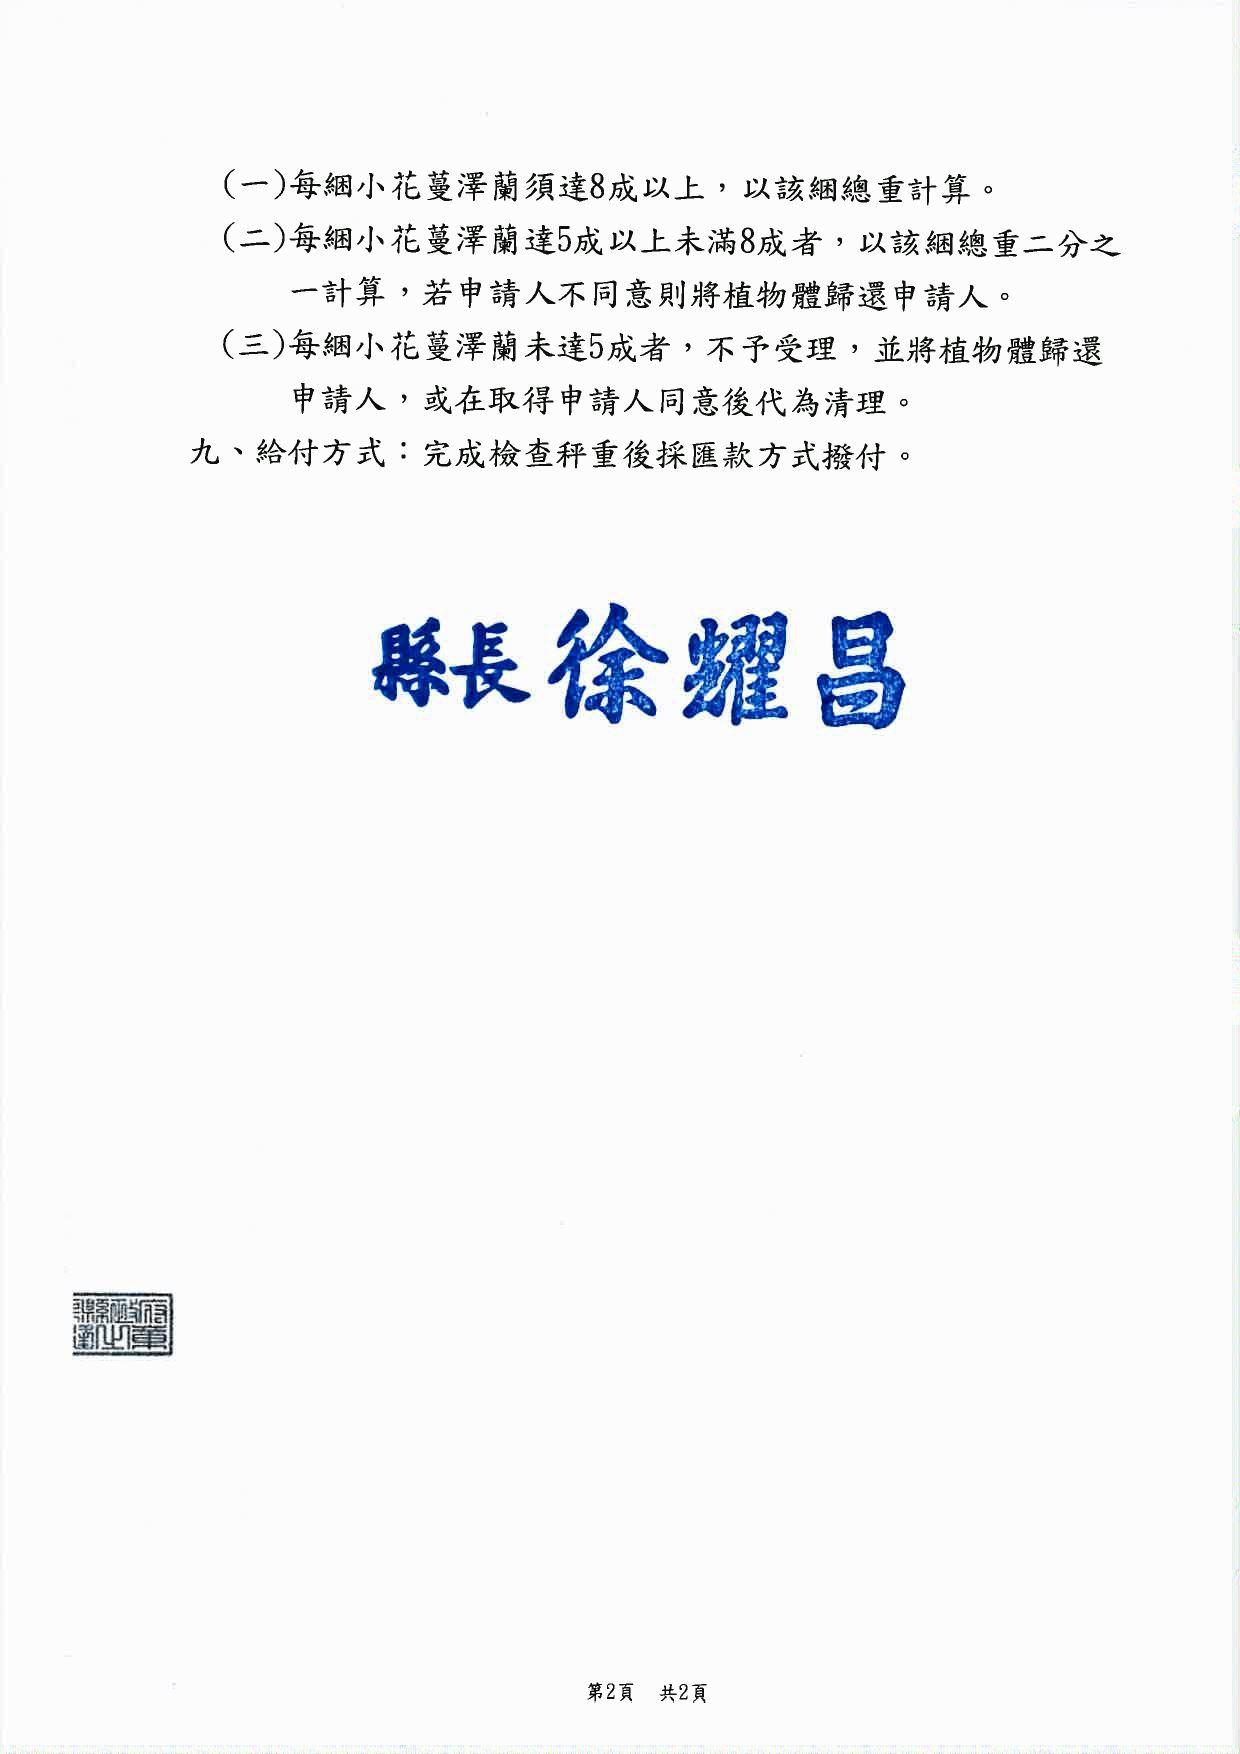 小花蔓澤蘭收購公告_page-0002